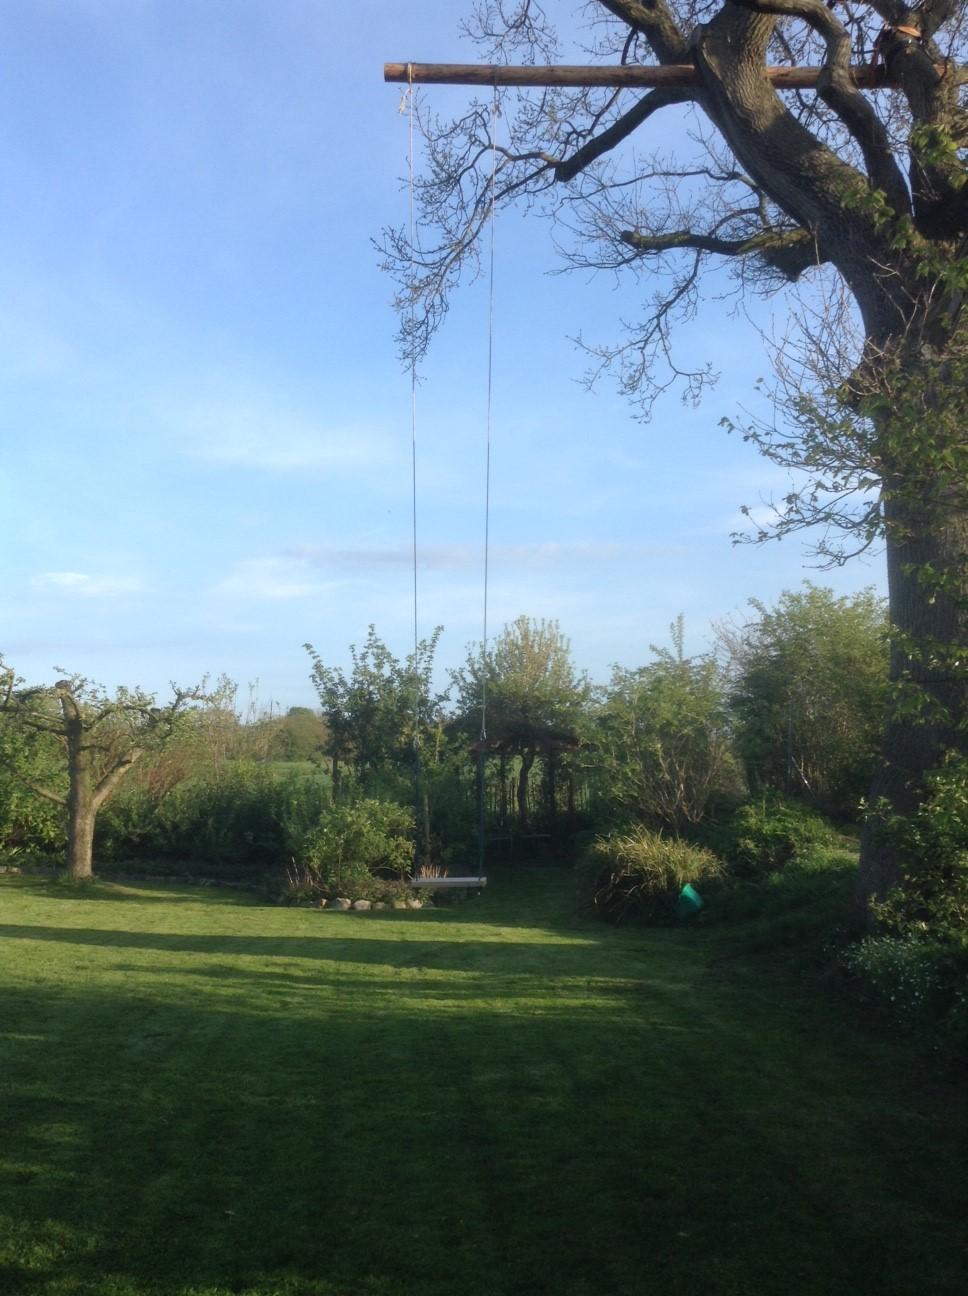 Und nun zum Schluss unsere fast 10 m hohe Schaukel.